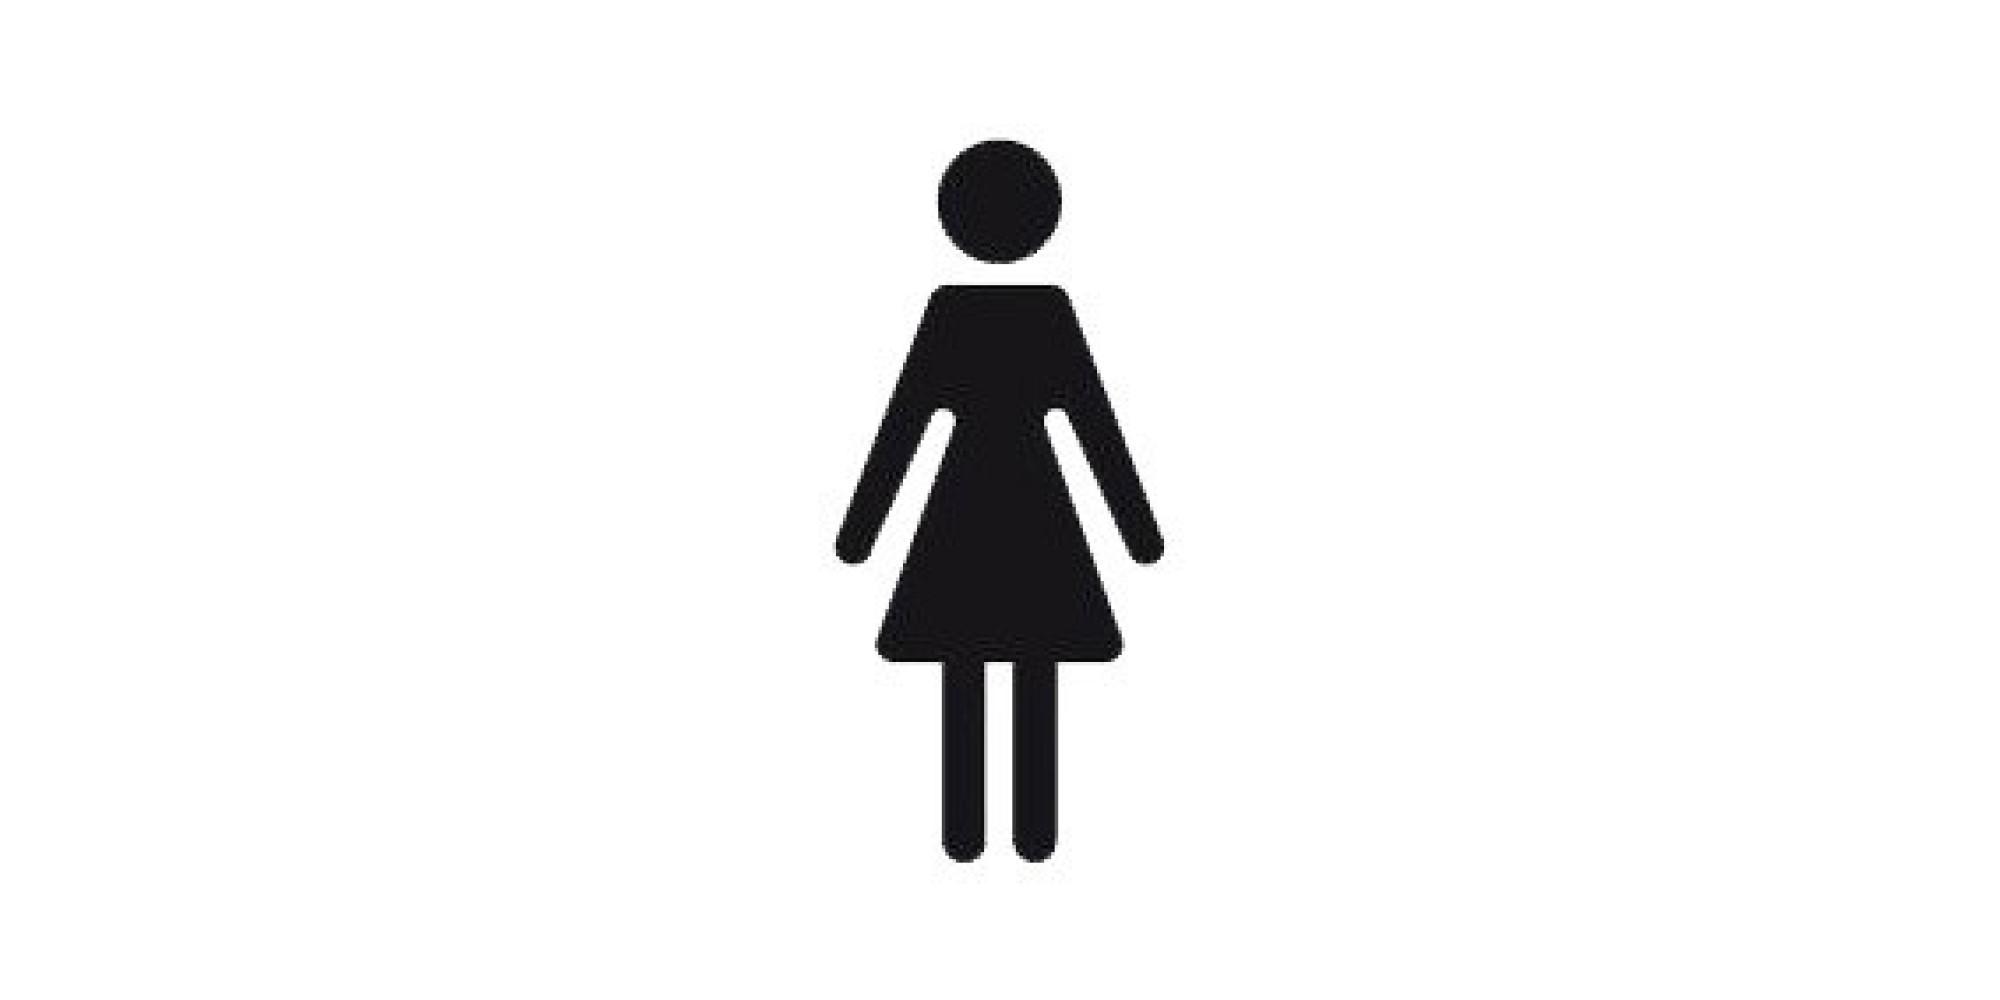 Si le logo des toilettes des femmes cachait en fait une super h ro ne - Bonhomme fille ...